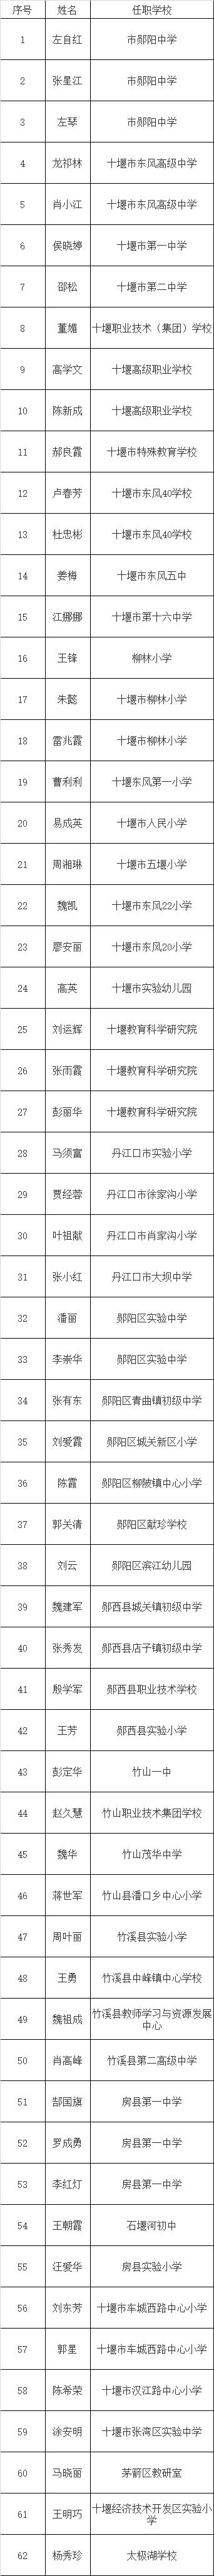 十堰教育局最新公示!